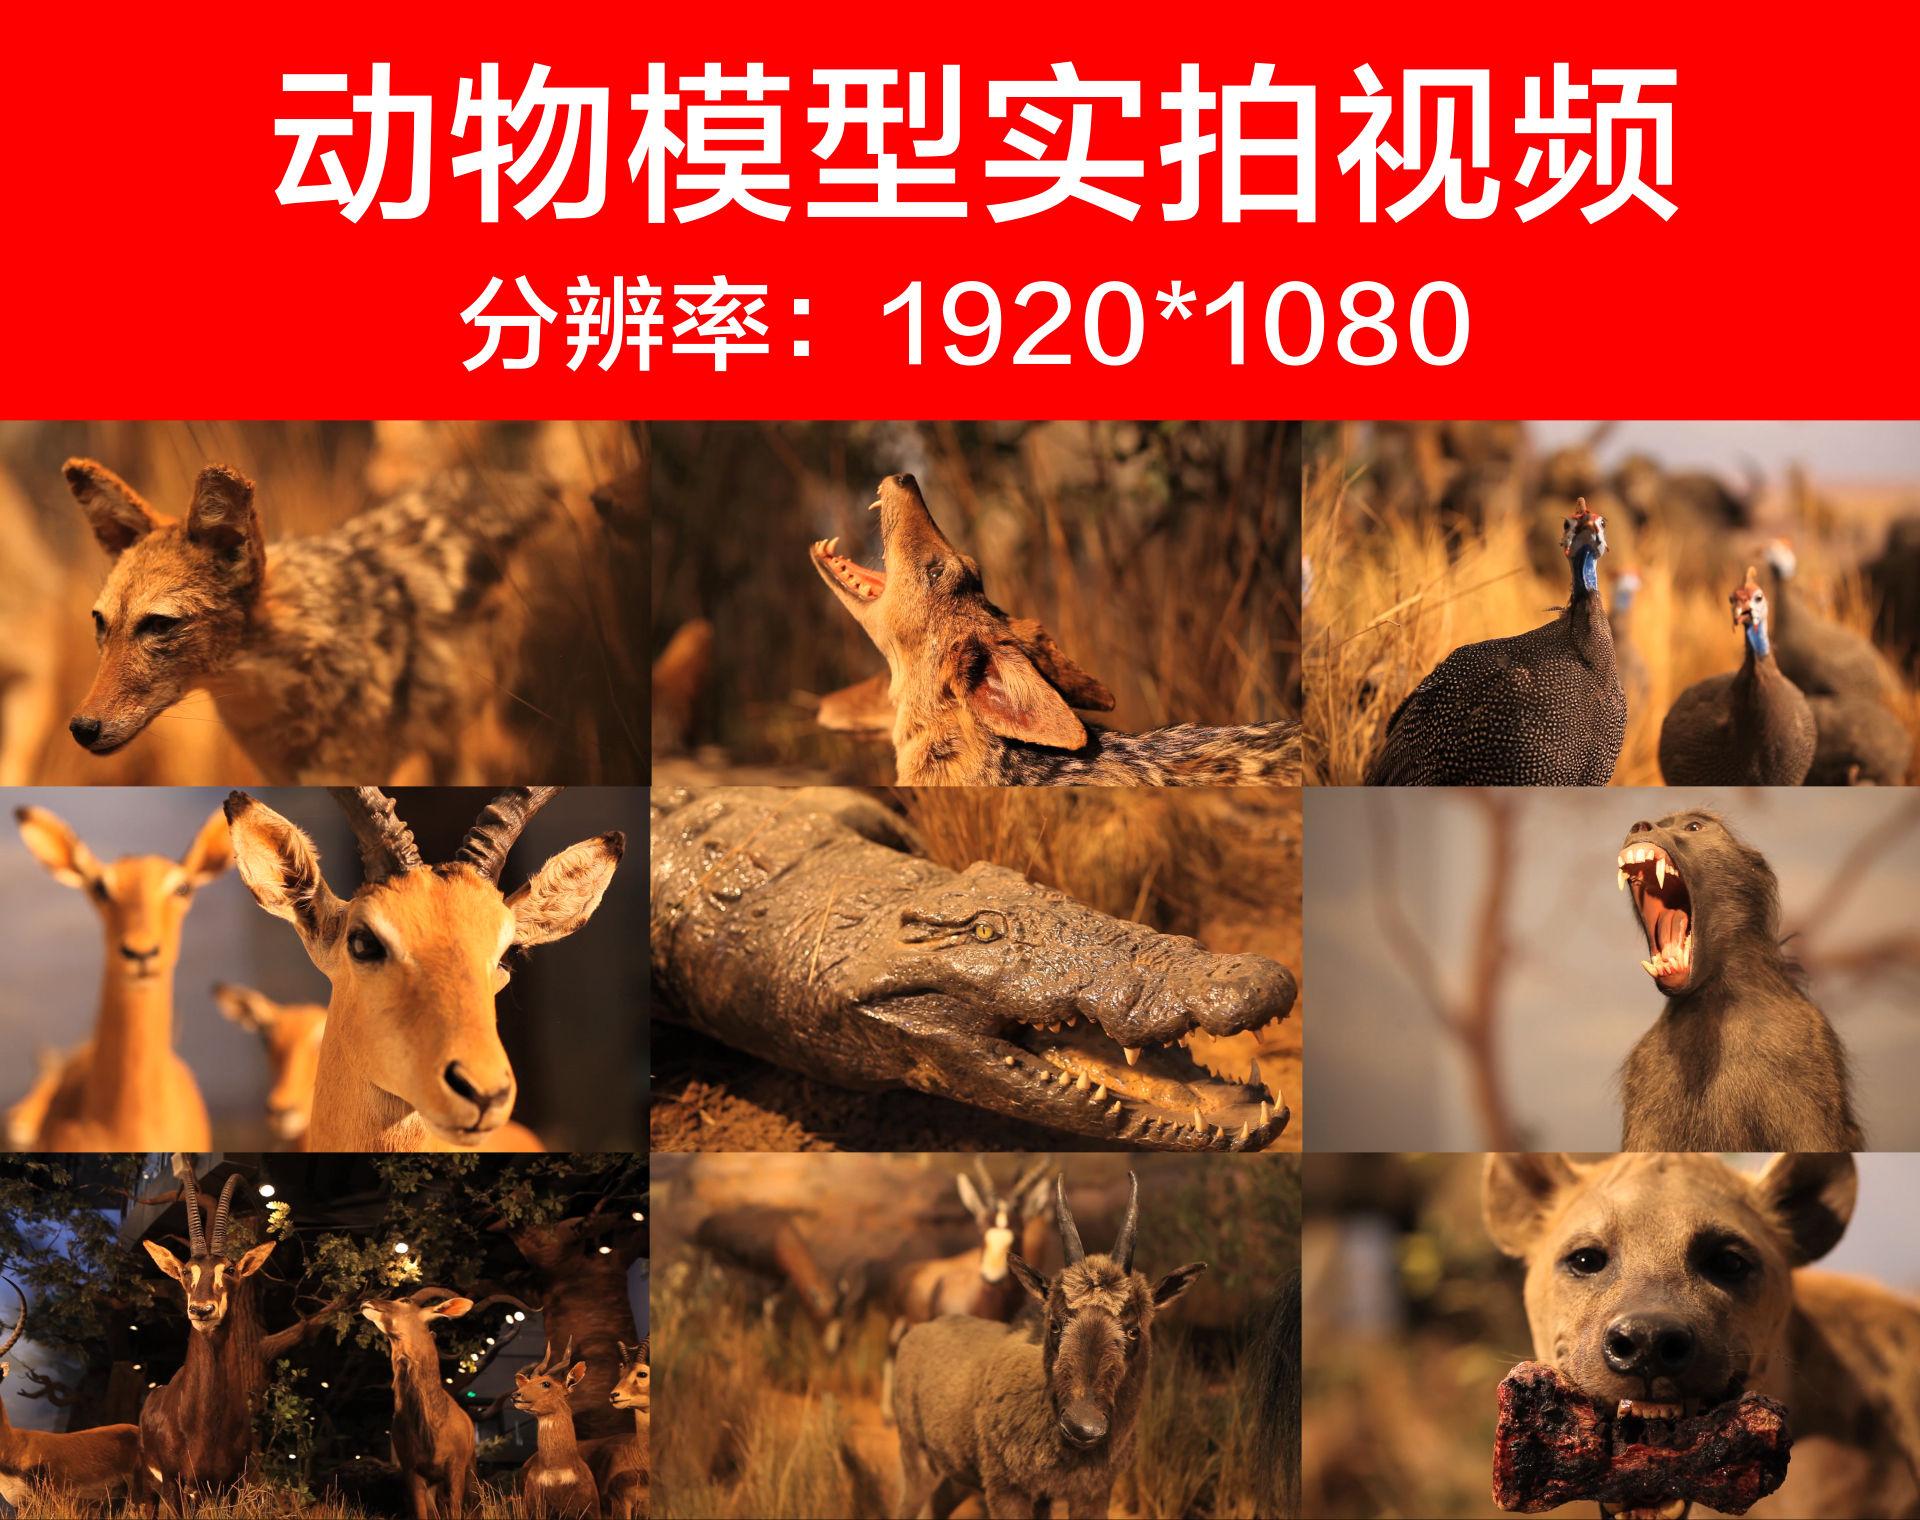 山东博物馆非洲野生动物